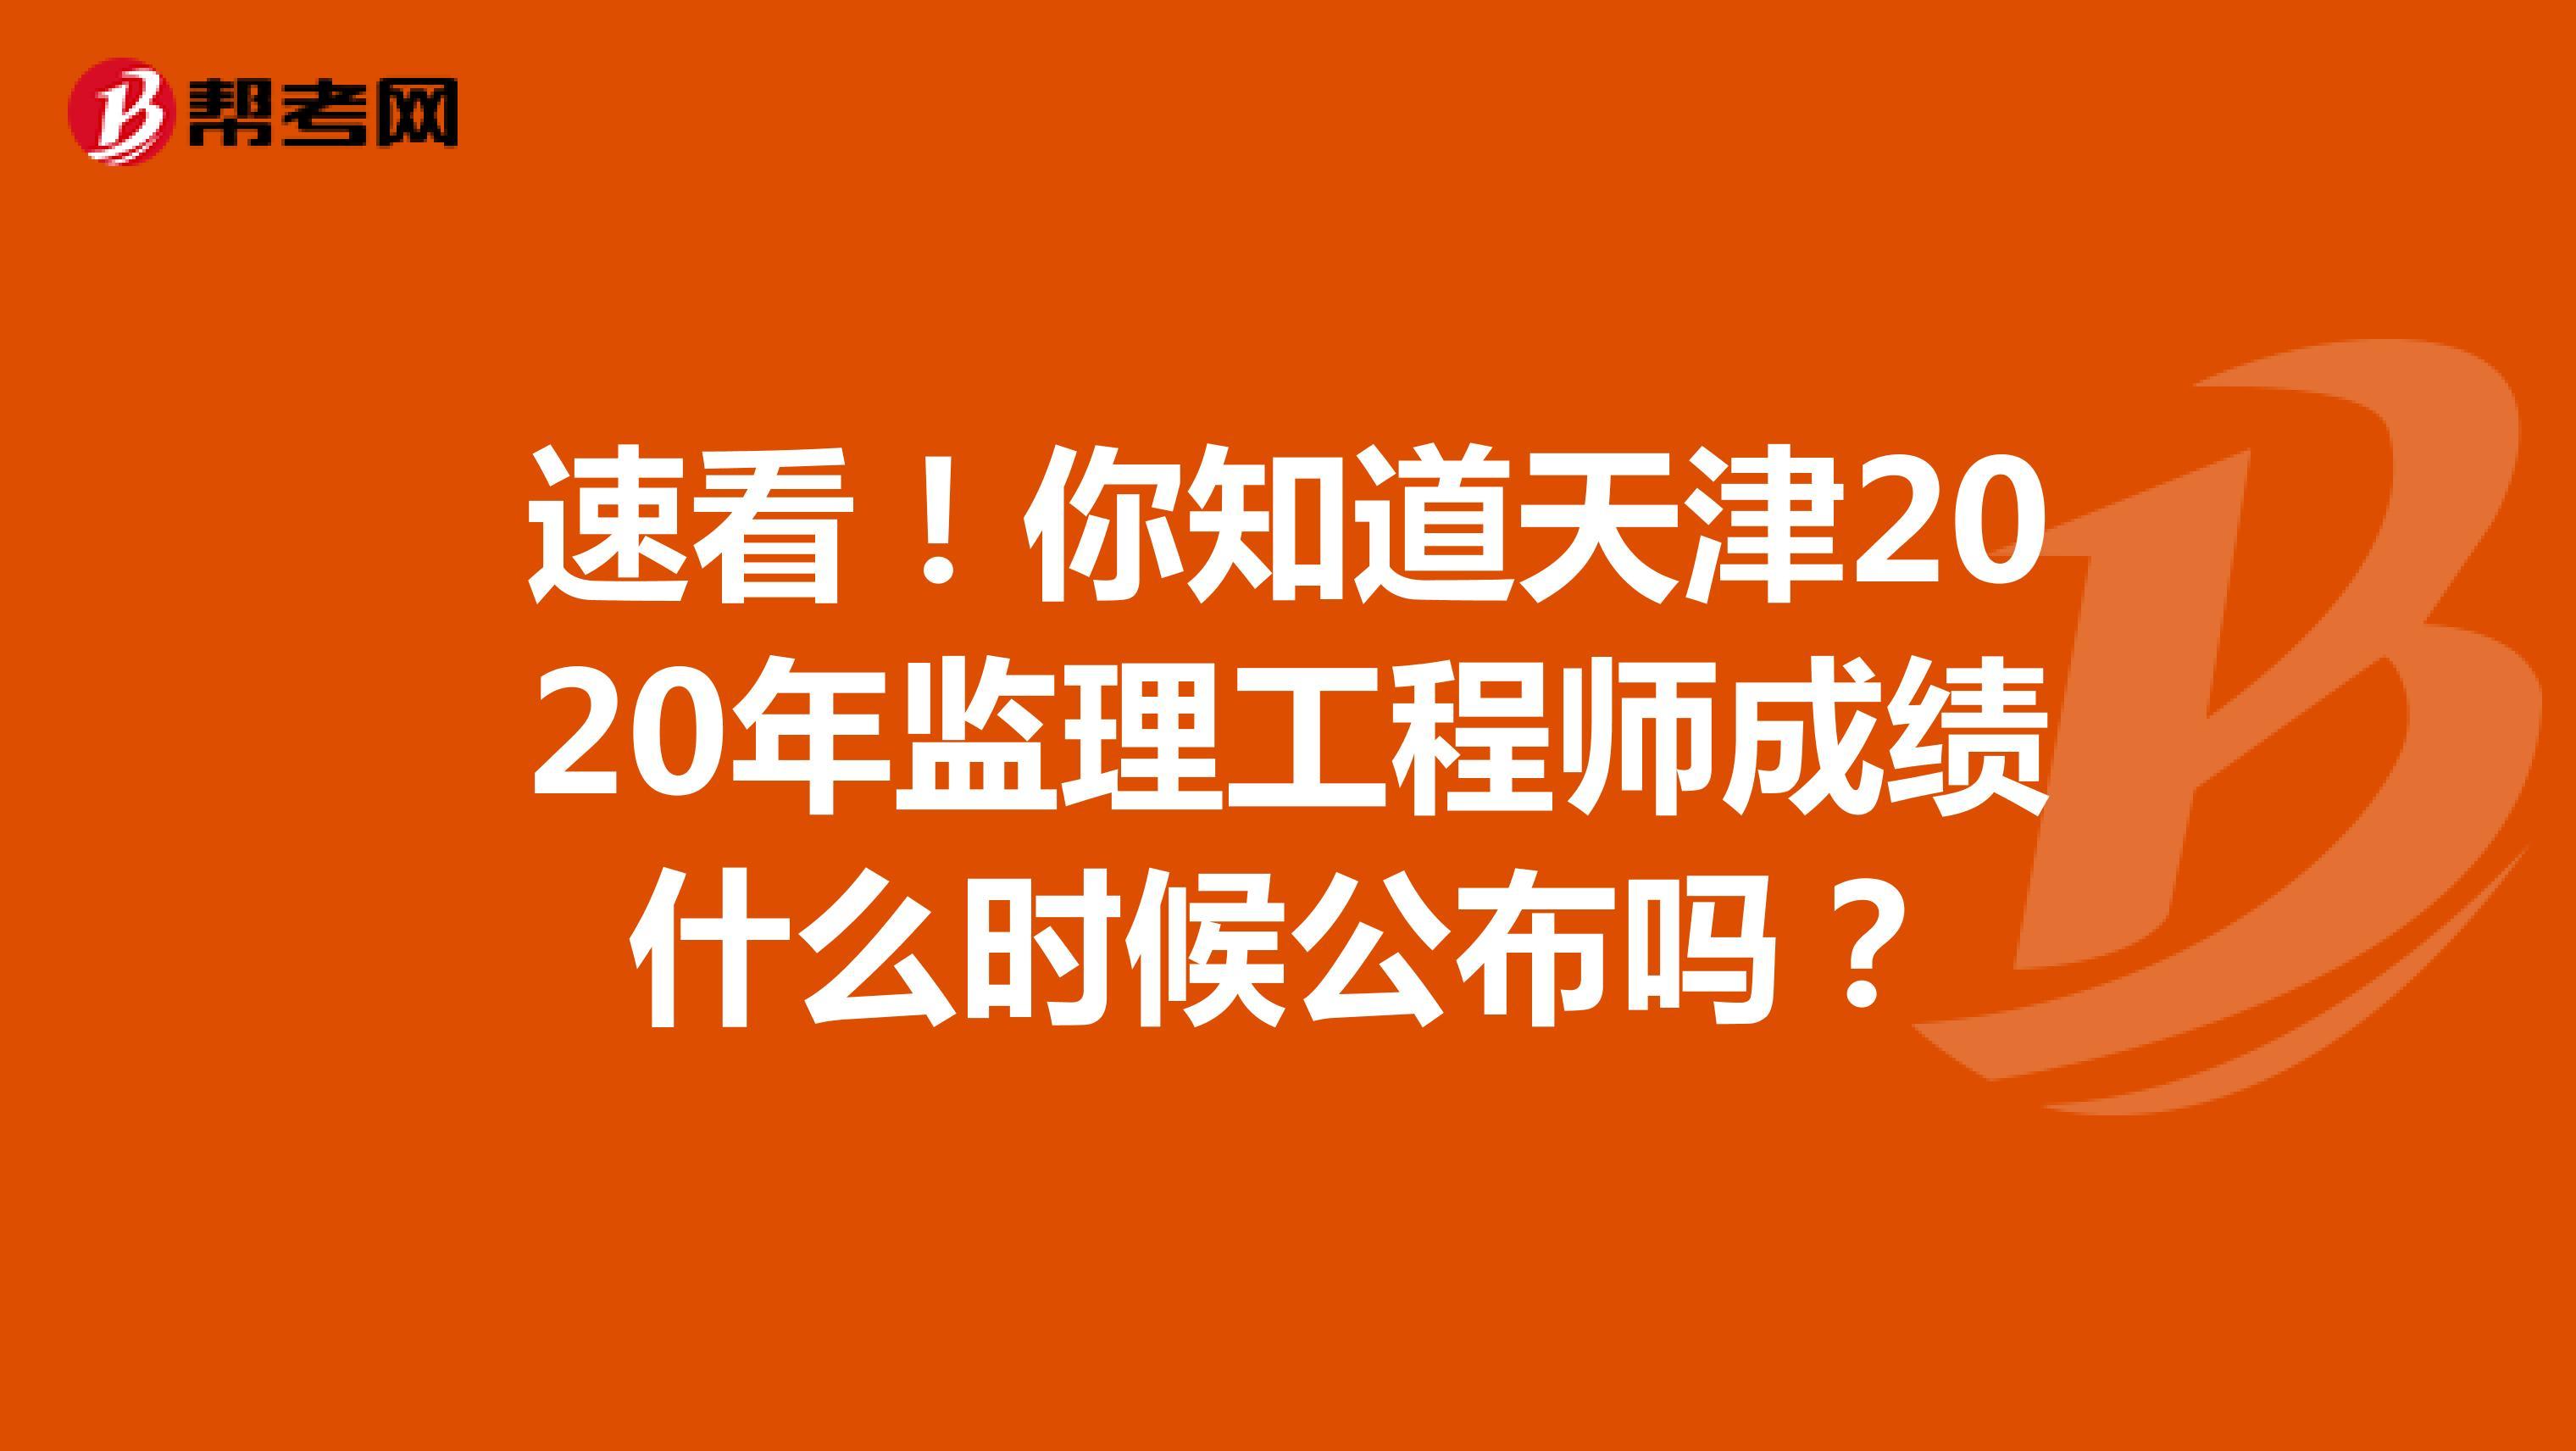 速看!你知道天津2020年监理工程师成绩什么时候公布吗?